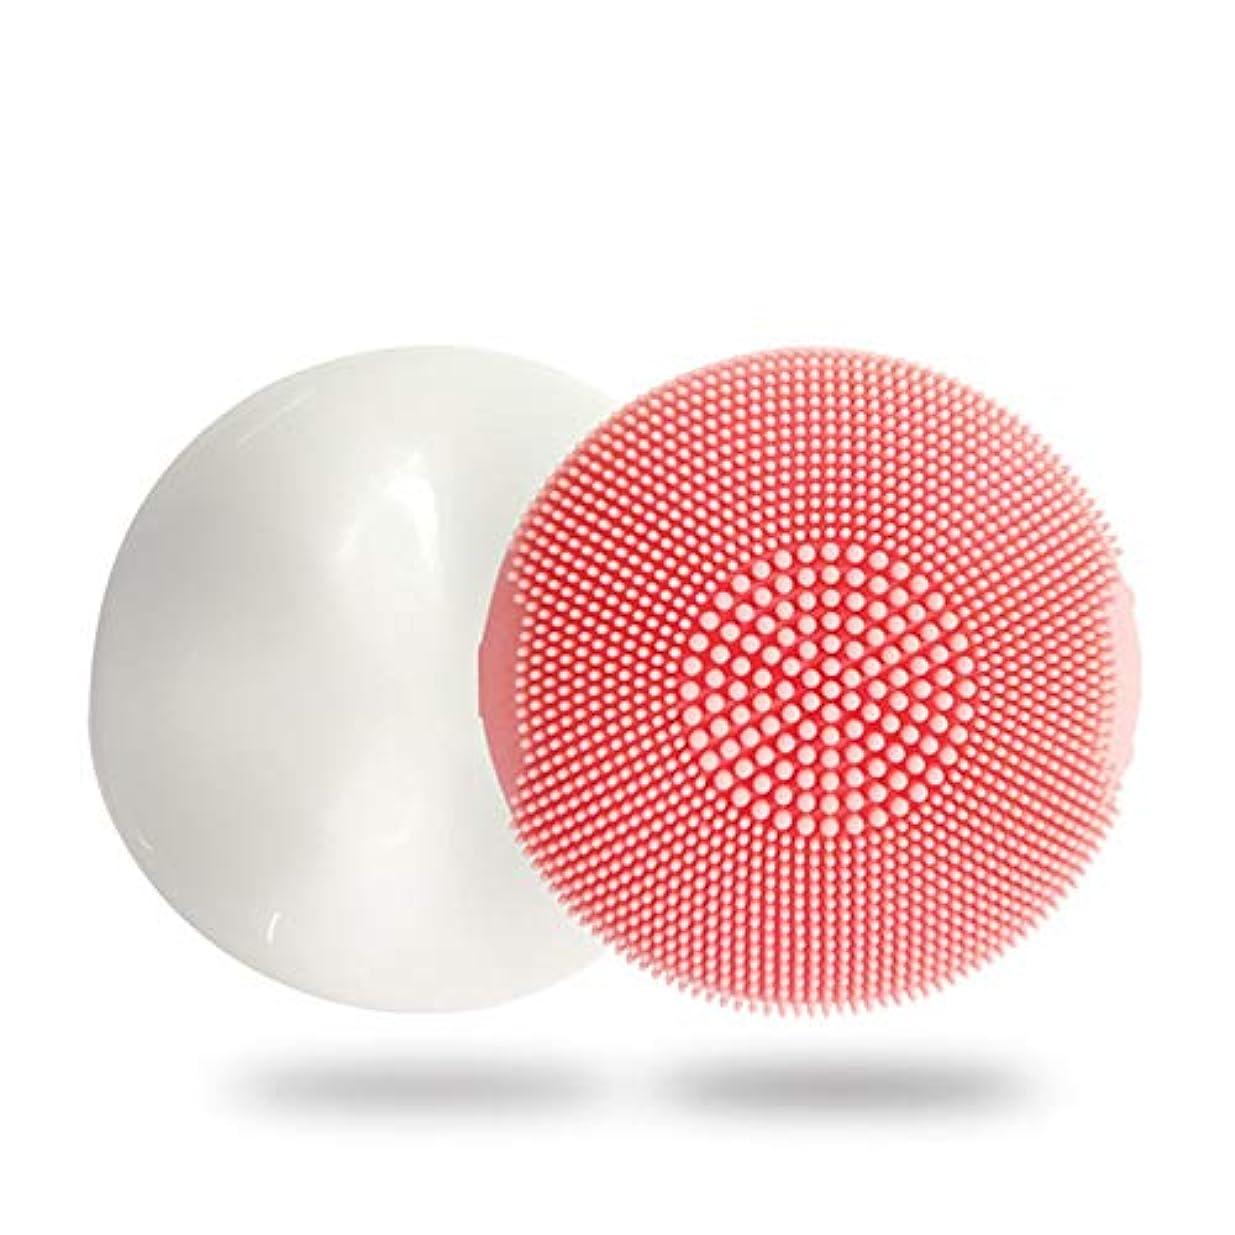 キャンプロゴセクションZXF 新電動シリコーンクレンジングブラシディープクリーニングポア防水超音波振動クレンジング楽器マッサージ器具美容器具 滑らかである (色 : Pink)